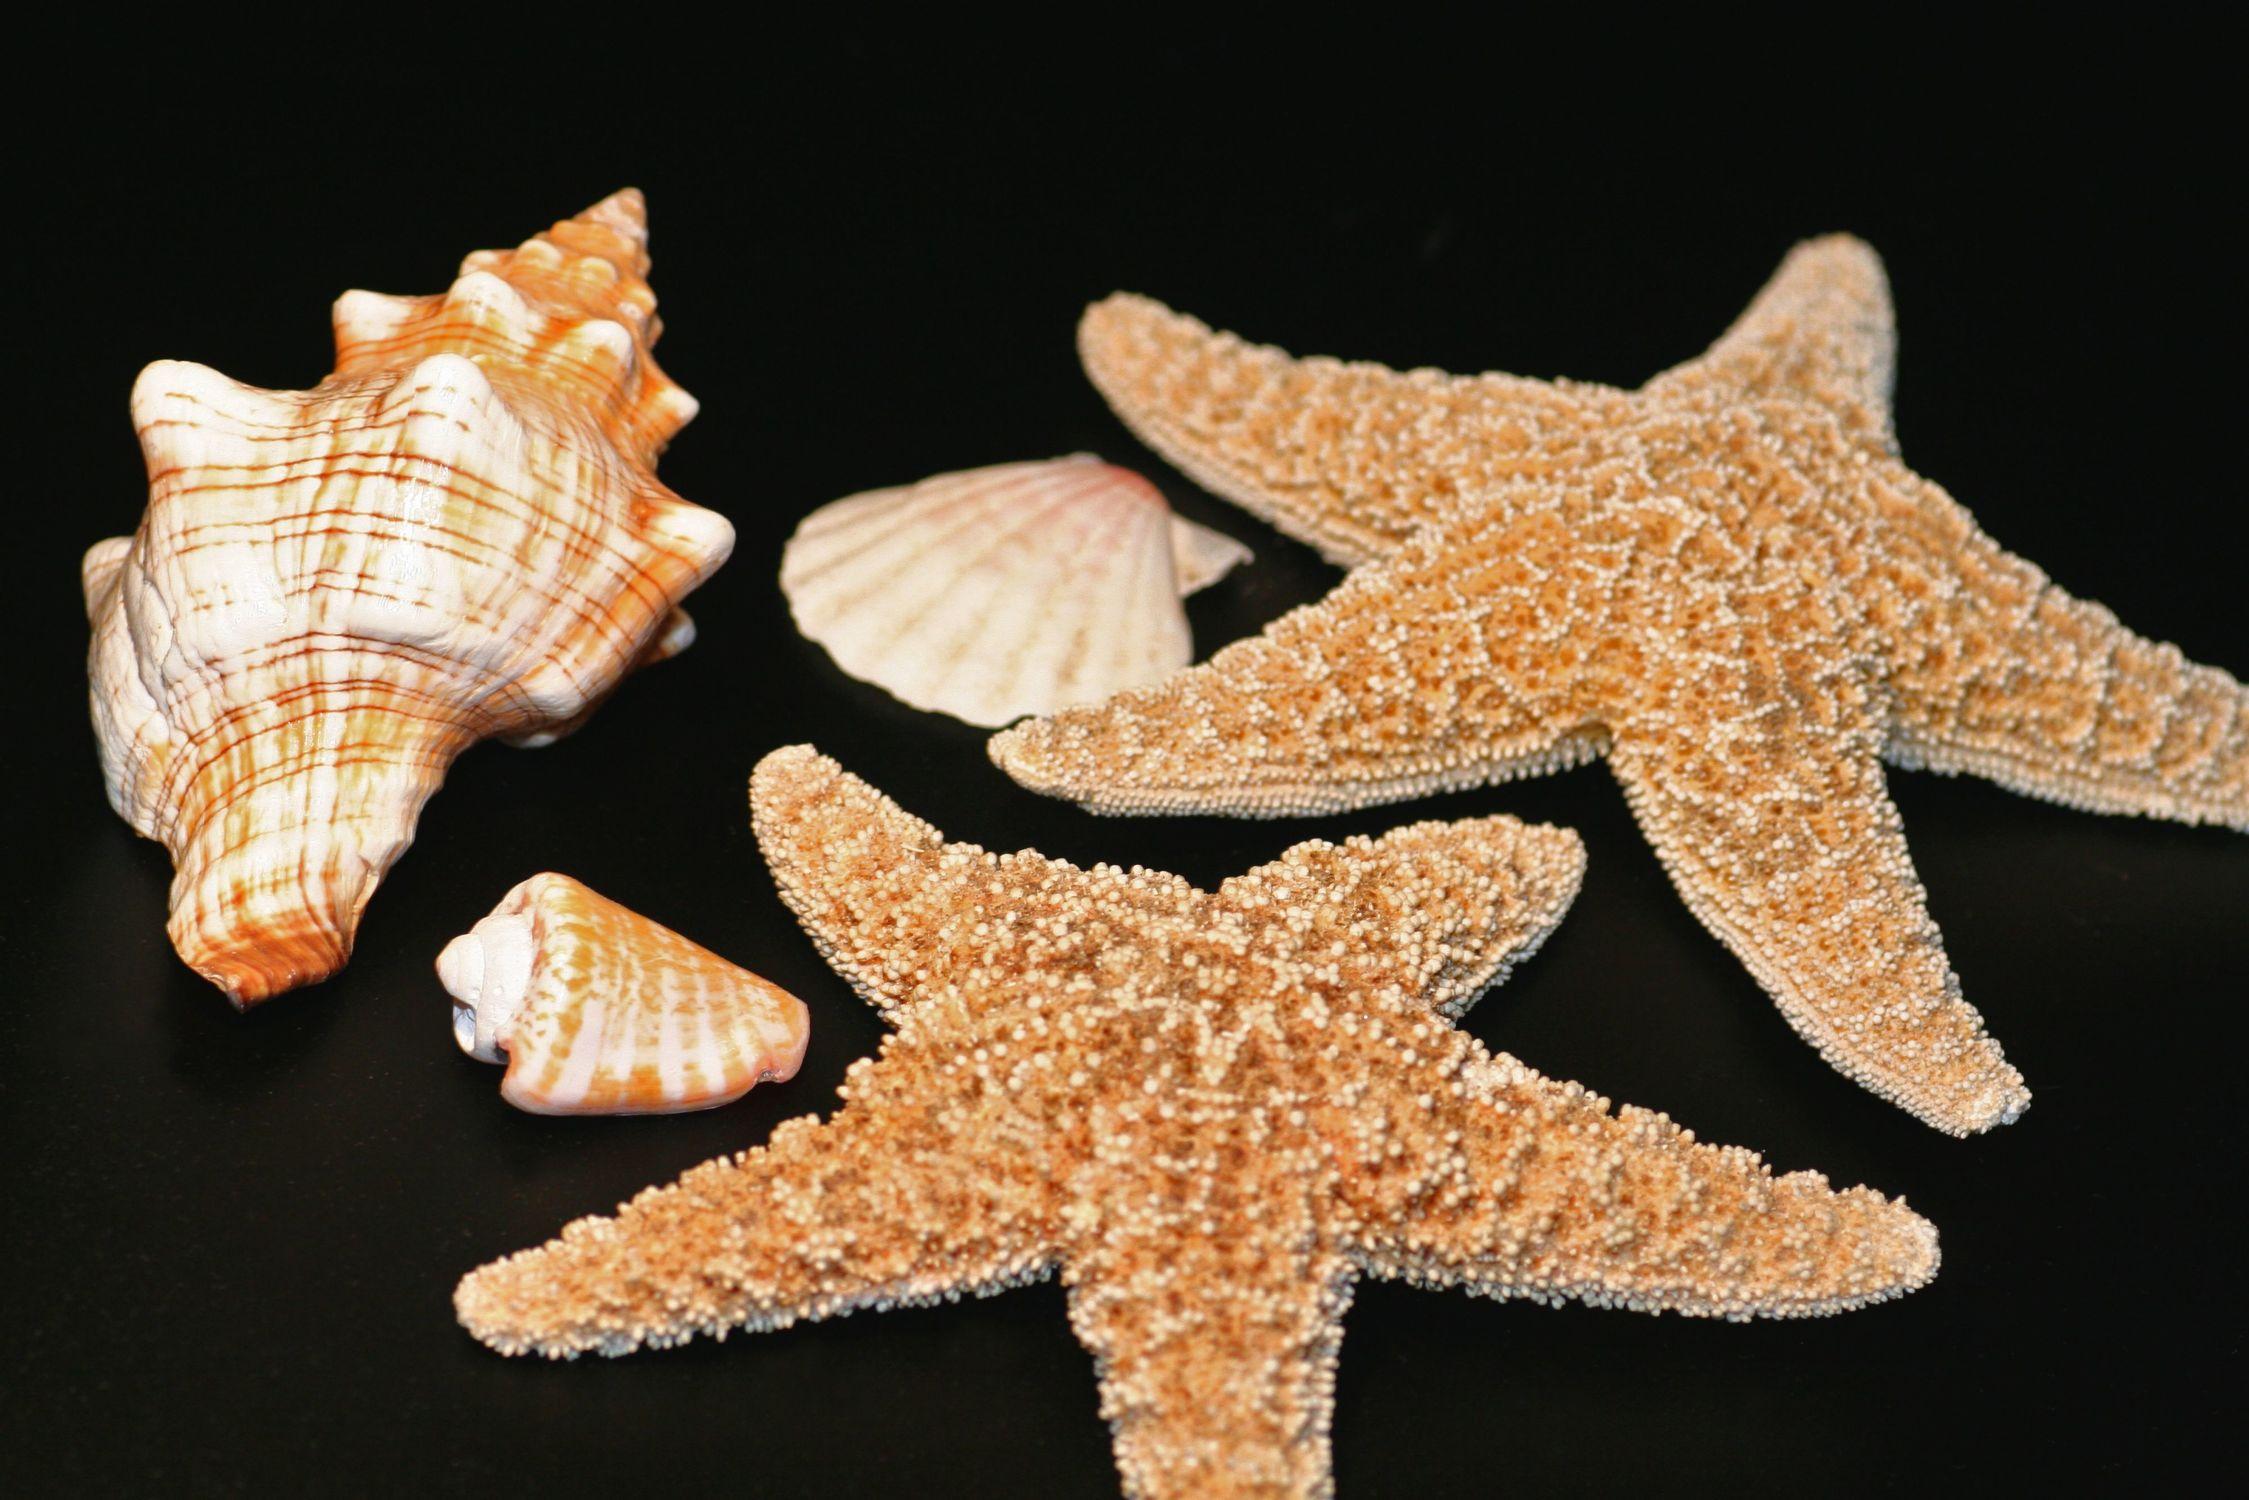 Bild mit Tiere, Stachelhäuter, Muschel, Muscheln, Meeresschnecke, Naturmuschel, Fasciolaria Trapezium, Bandschnecke, Meeresmuschel, Seestern, Seesterne, maritim